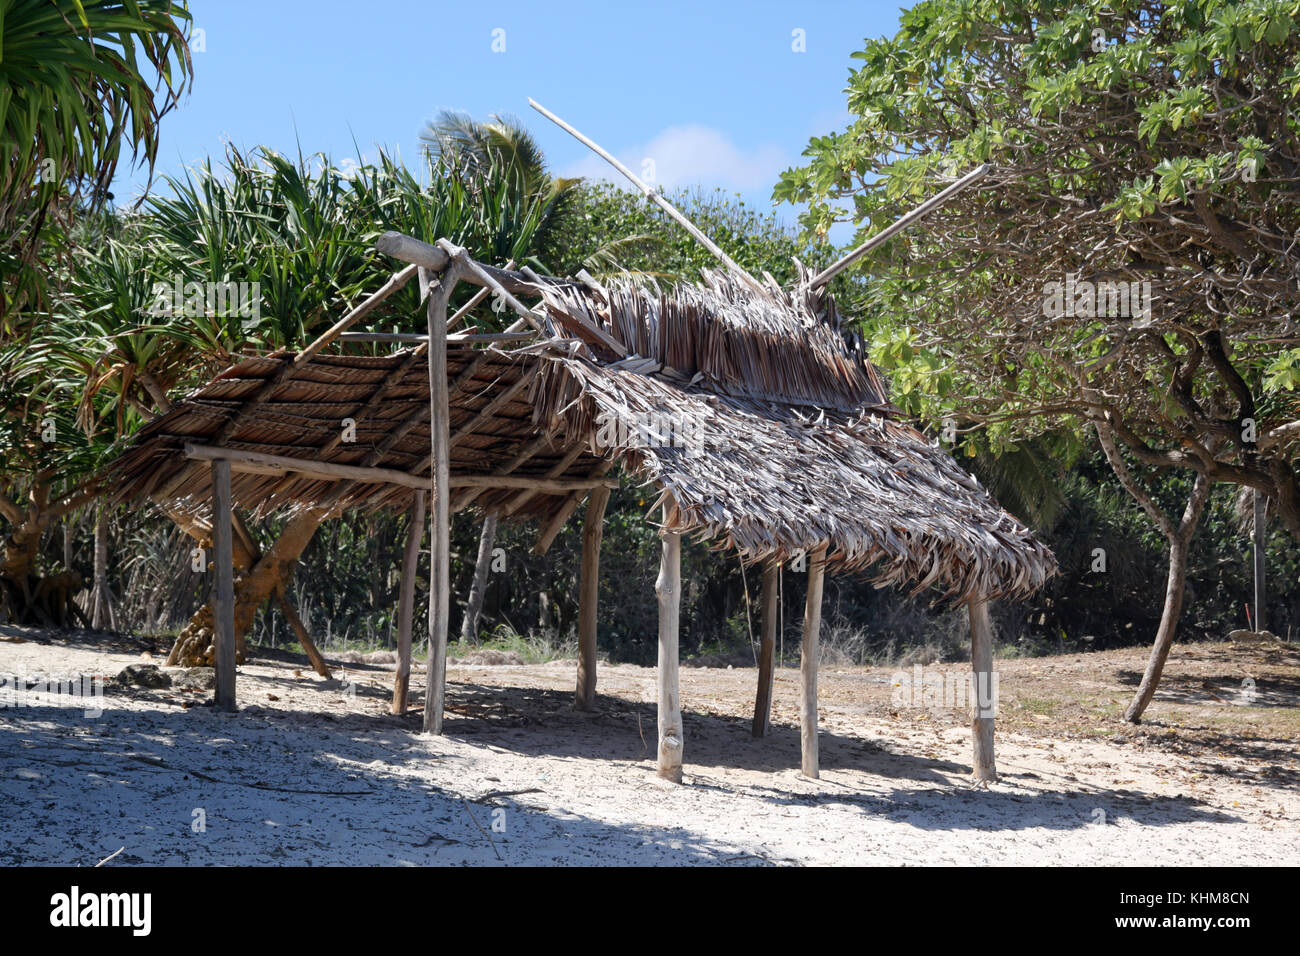 Hut on the beach in Efate, Vanuatu - Stock Image